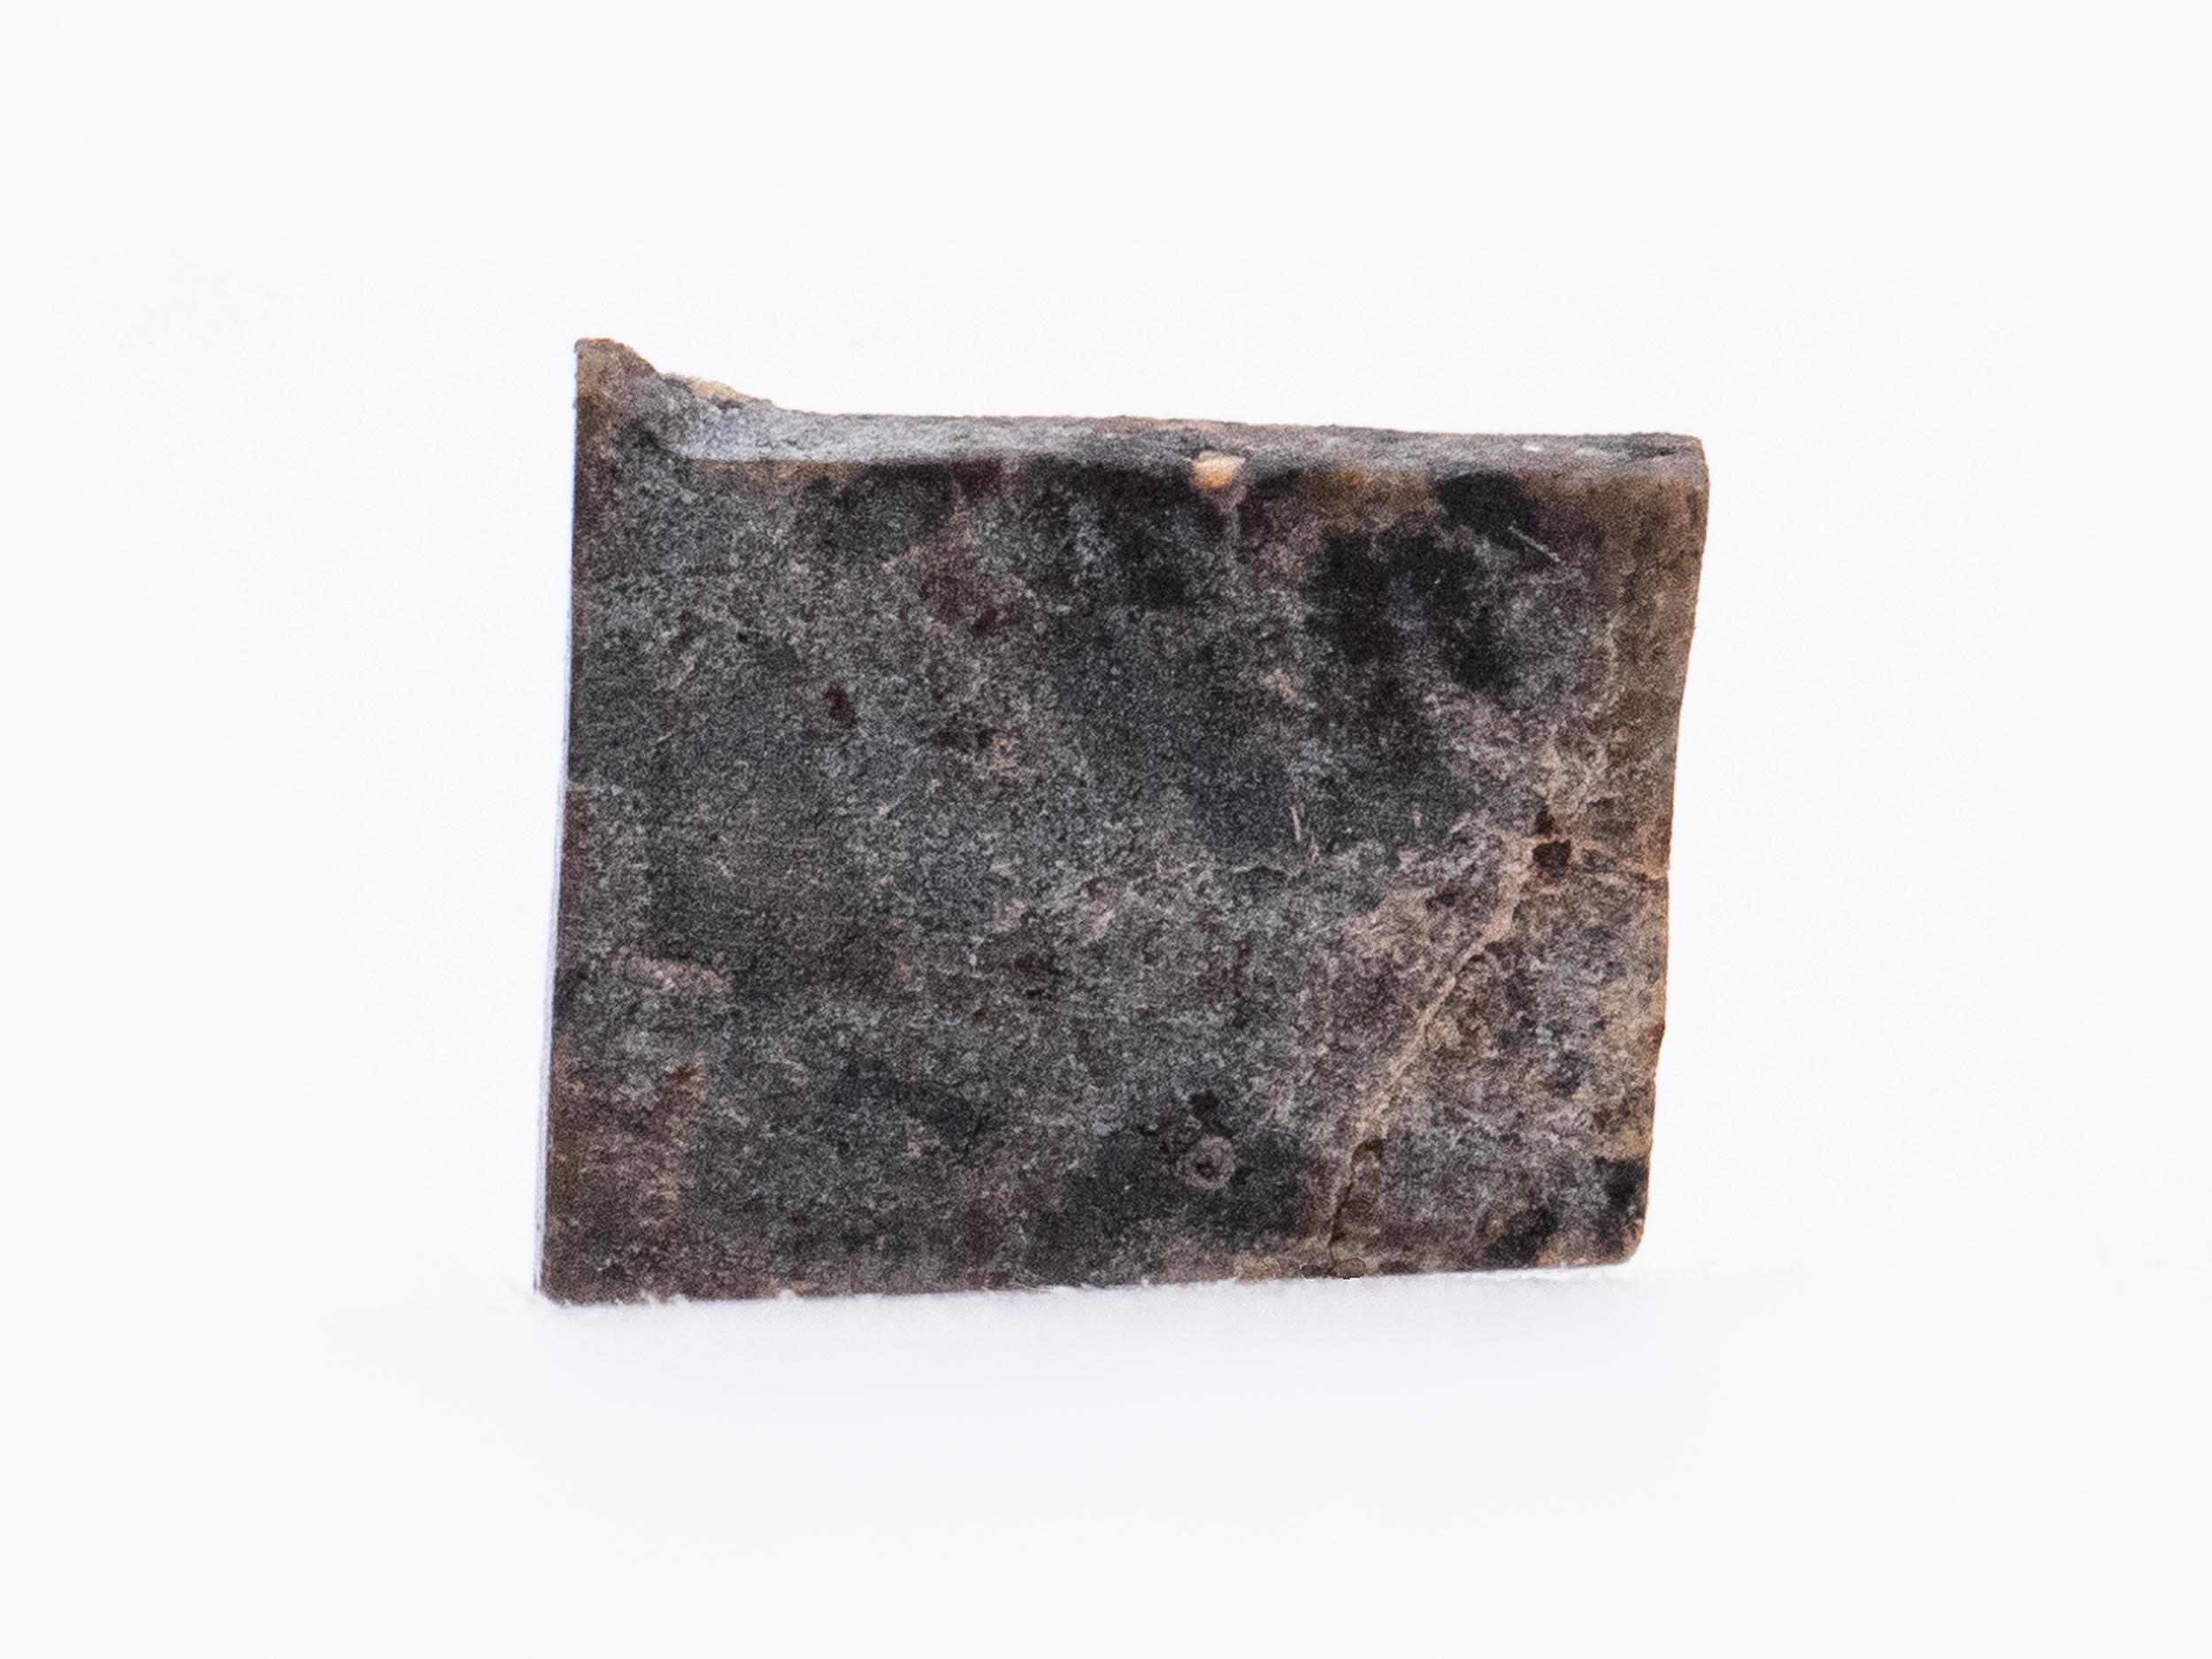 mars meteorite libya